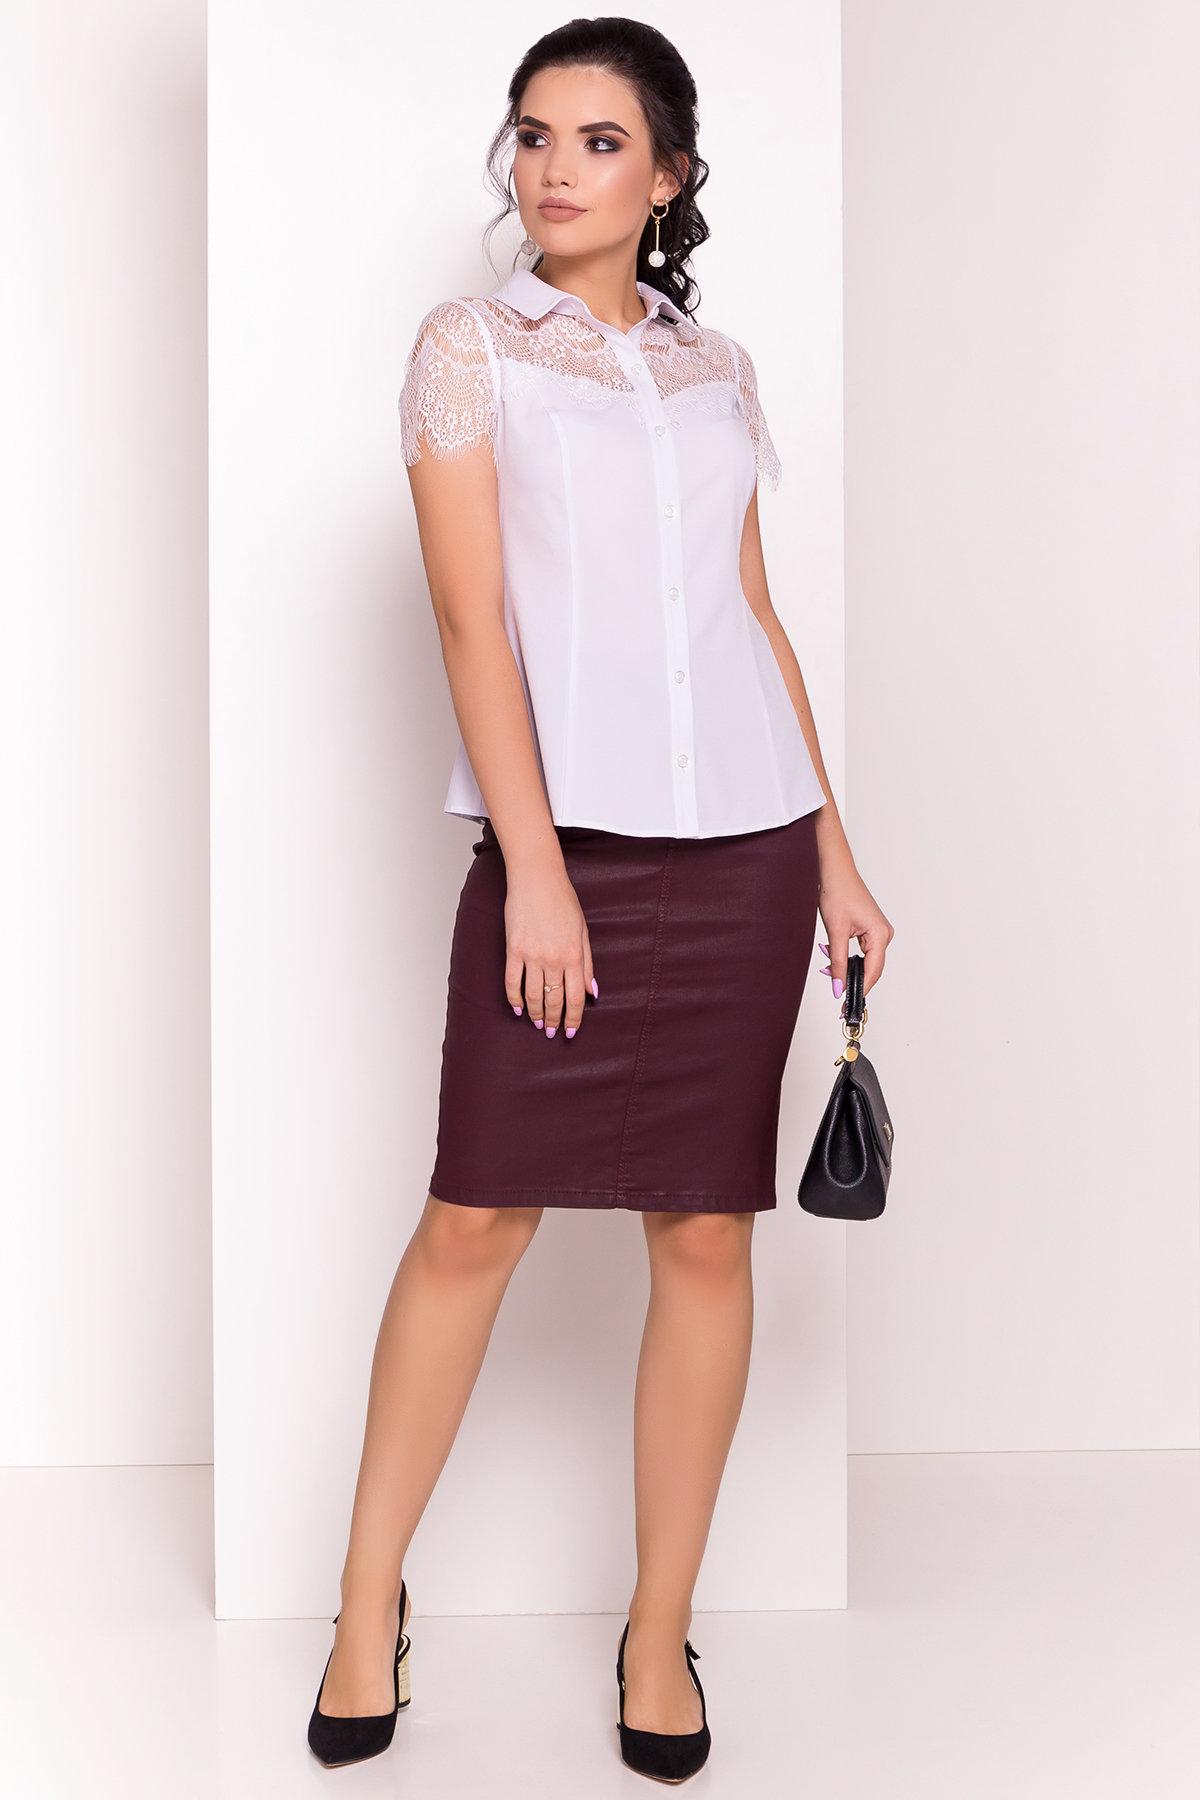 Блуза с кружевным декором Тая 1 5271 Цвет: Белый